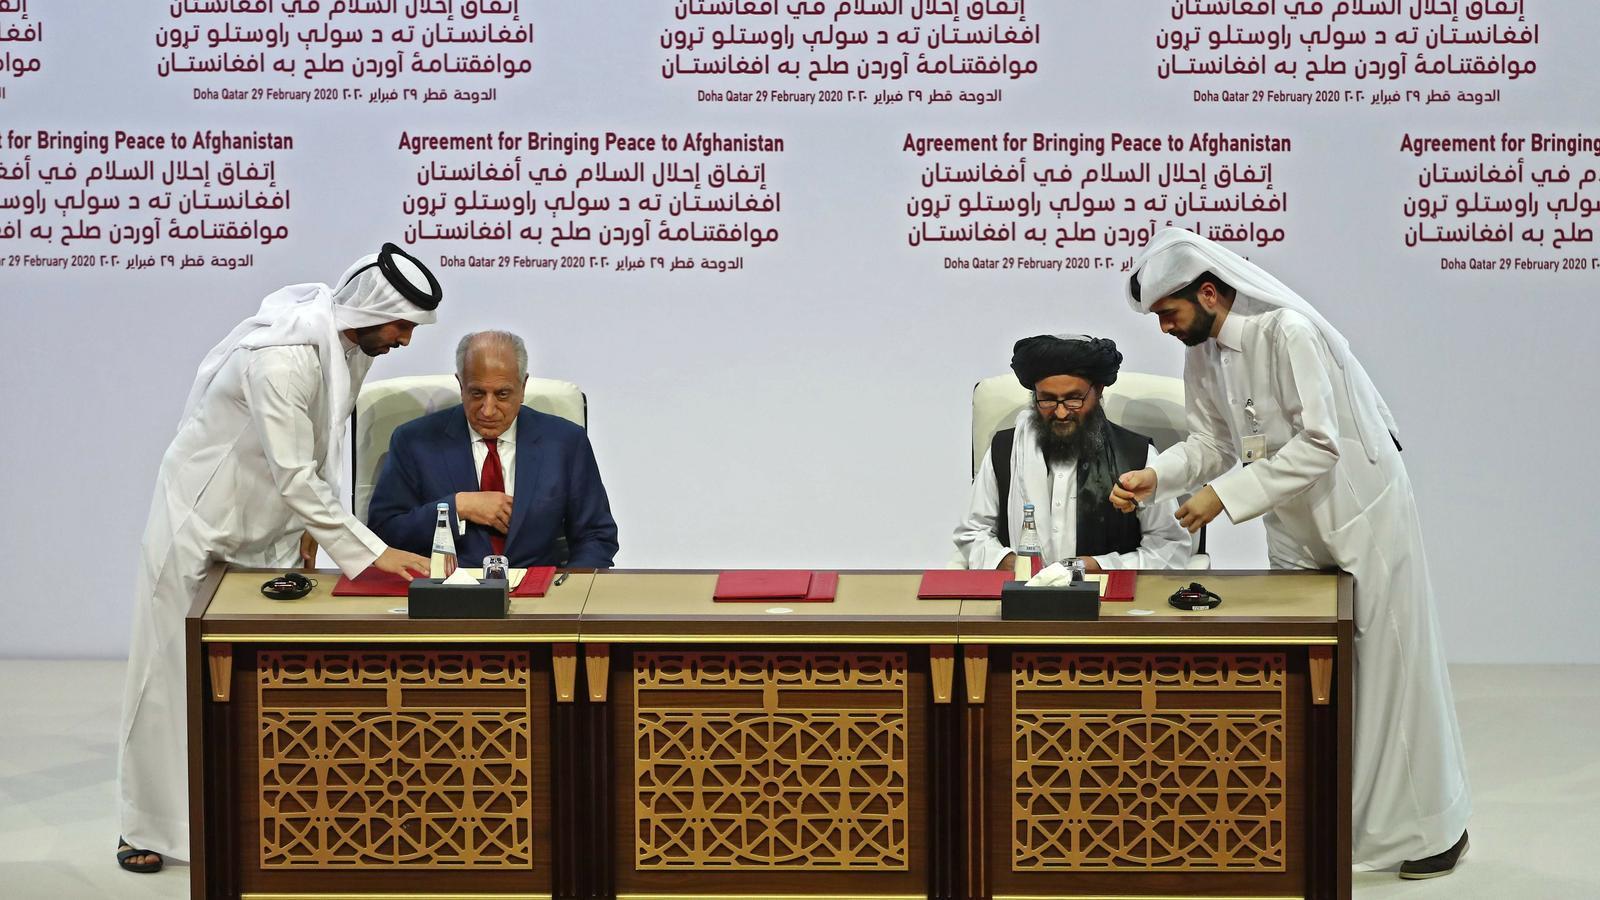 El mul·là Abdul Ghani i el Baradar i el representant del govern afganès, Zalmai Khalilzad, firmen l'acord a Doha.